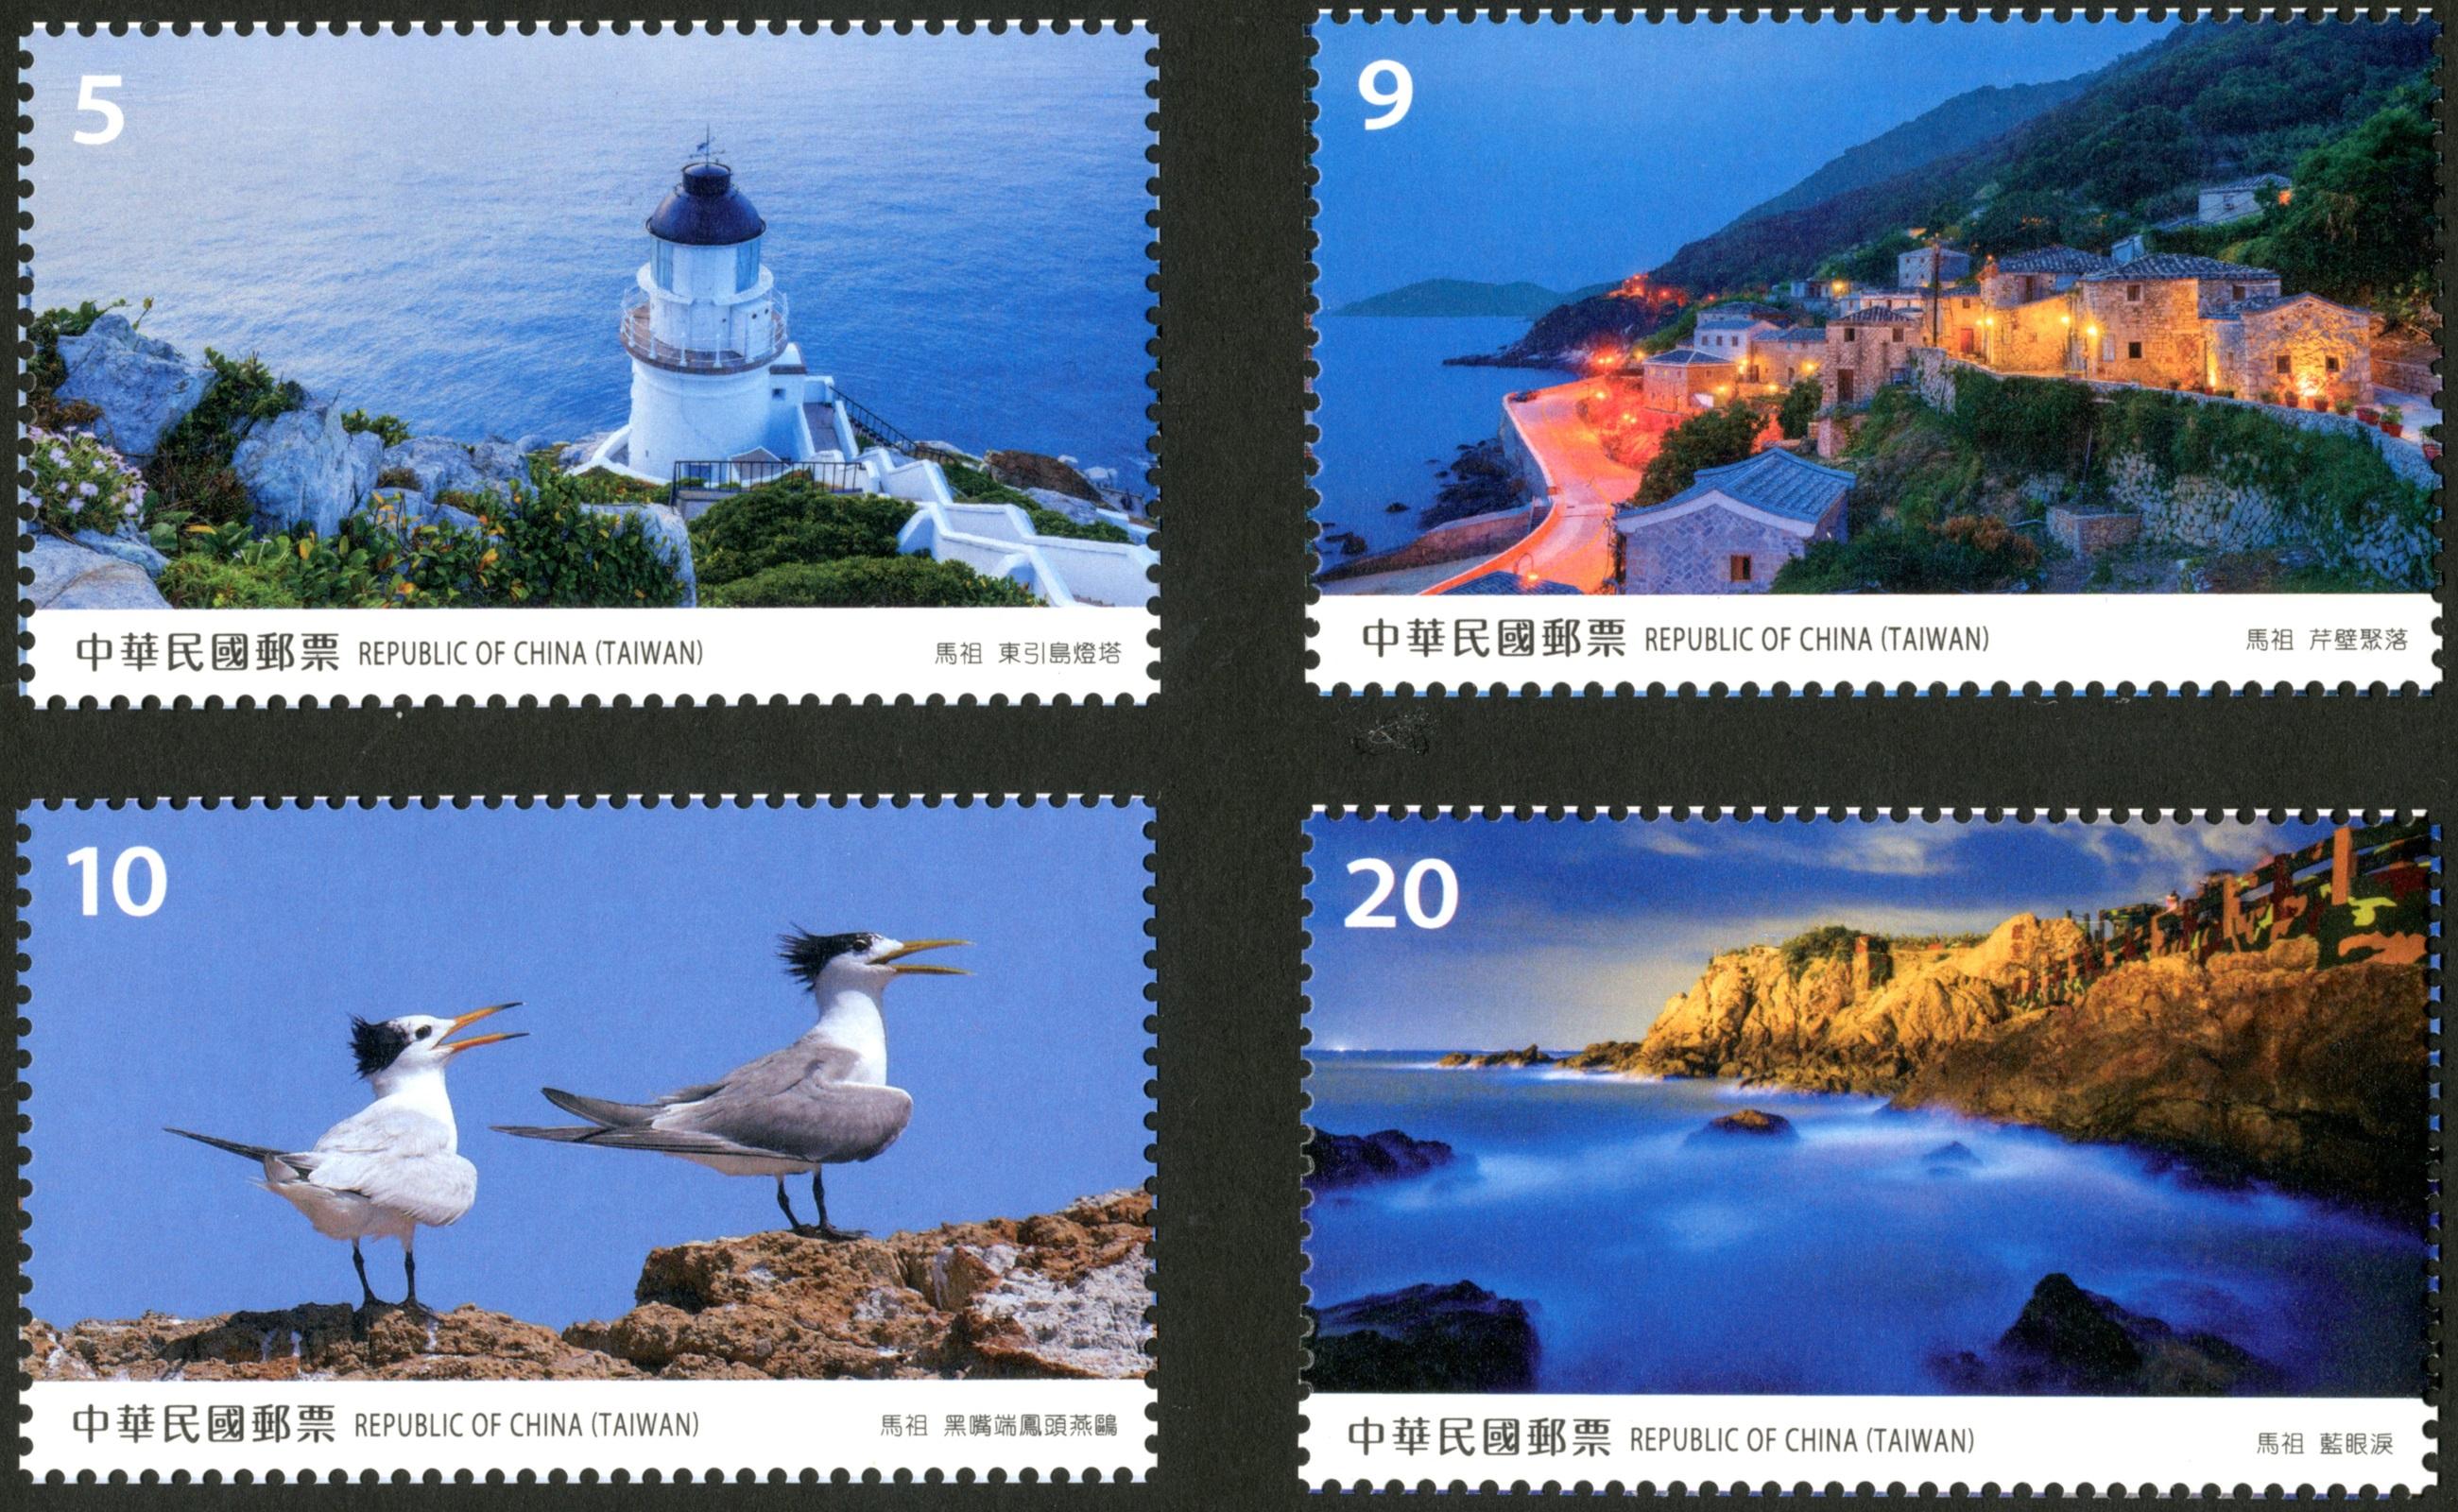 寶島風情郵票─馬祖